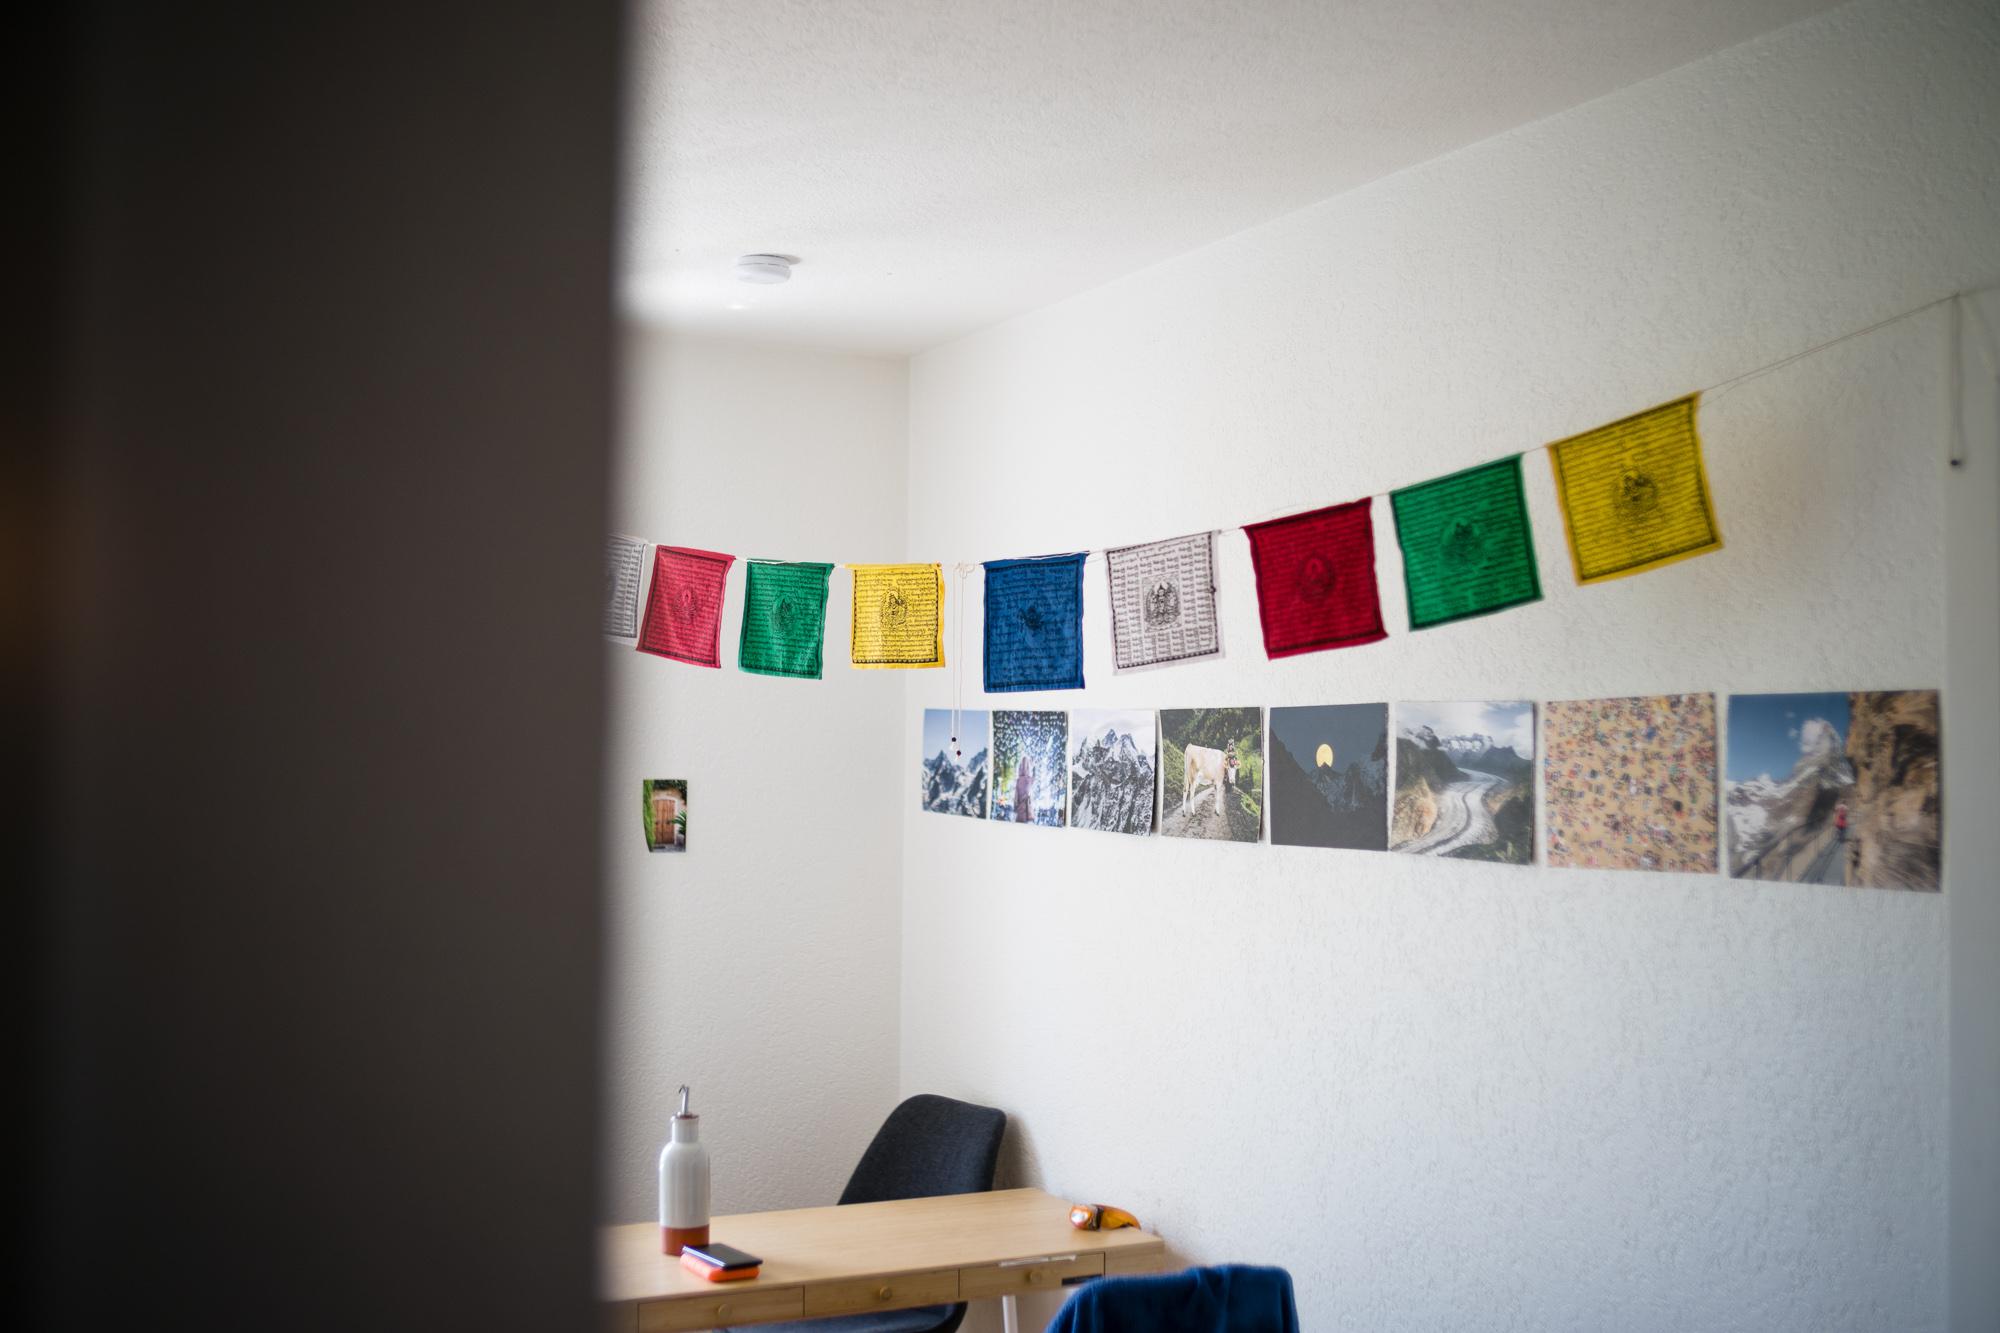 Impressionen aus meinem Leben - fotografiert im Juni 2018Bild: Manuel Lopez / mlpz.ch